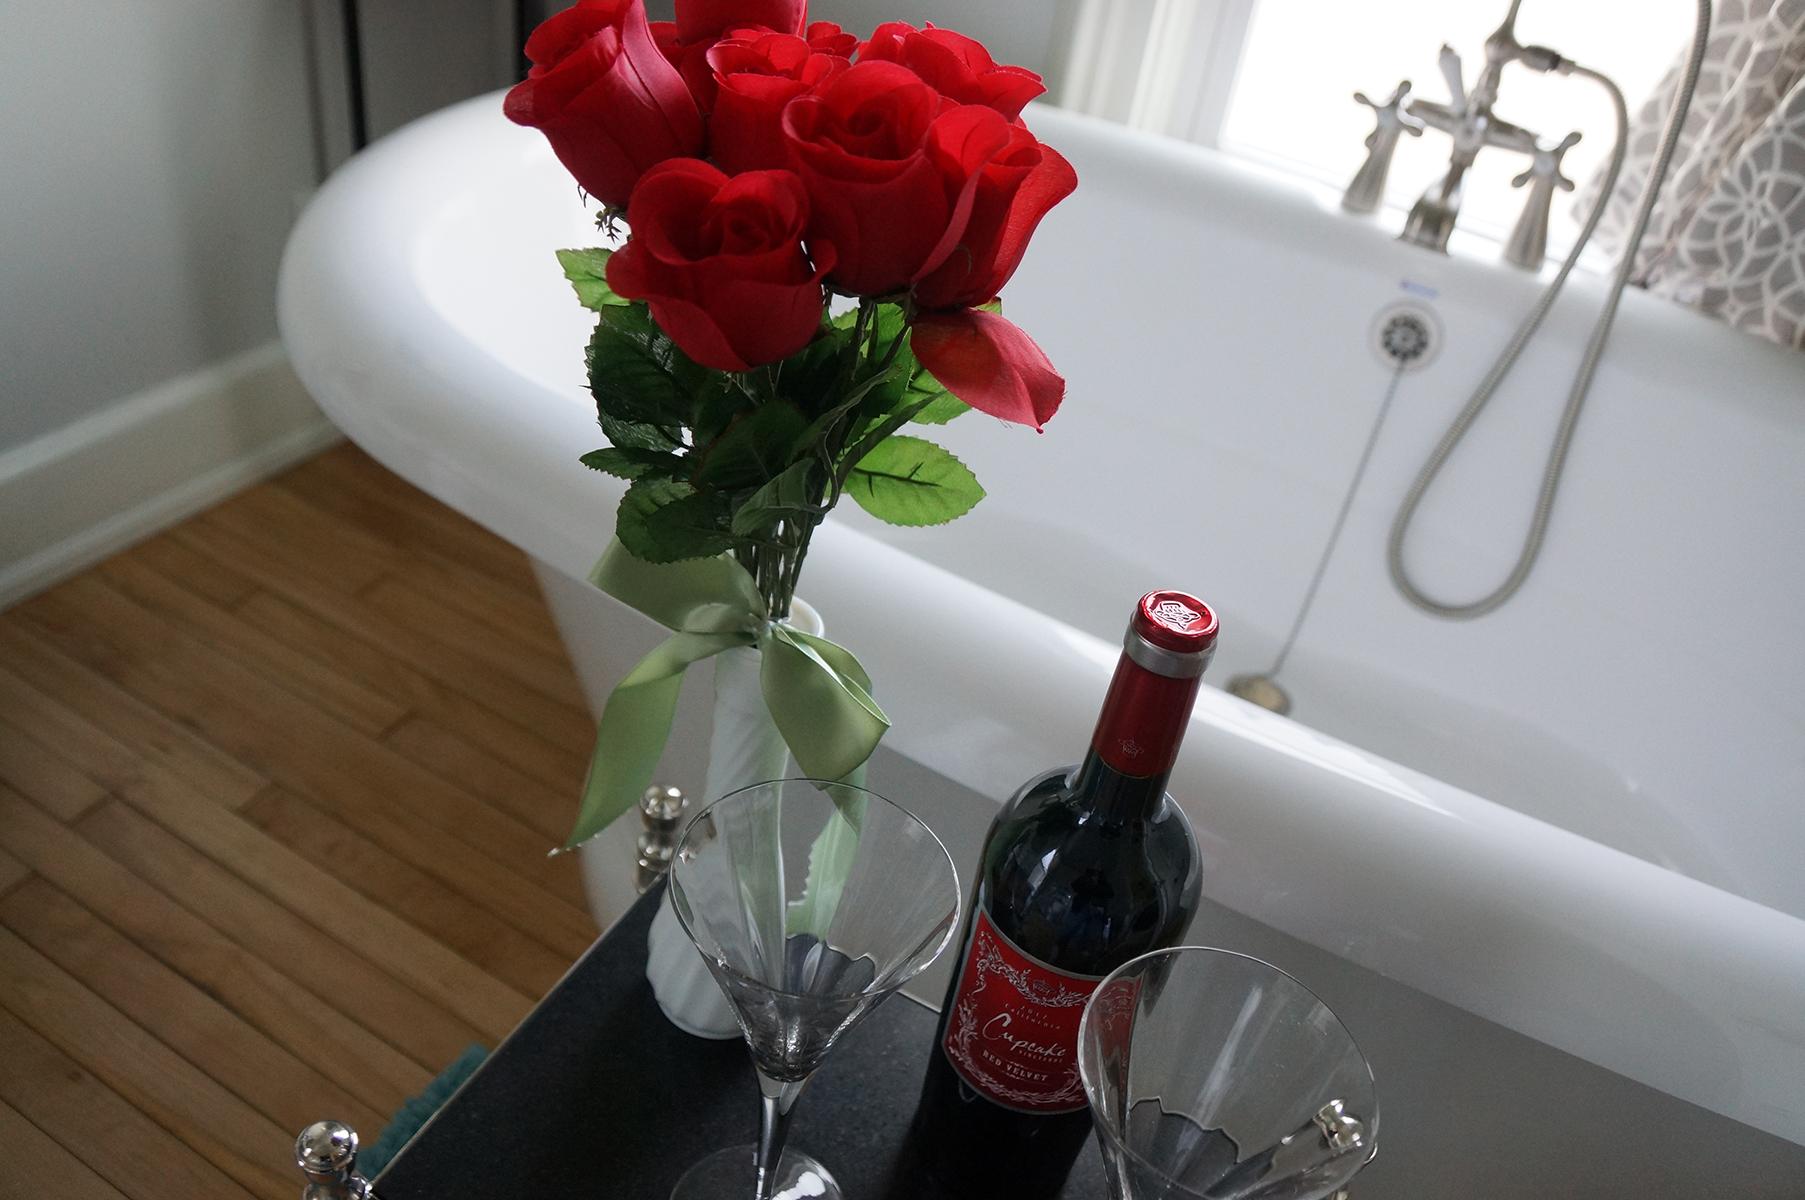 julias_bath_roses_wine_041015_TheMuse_074.JPG